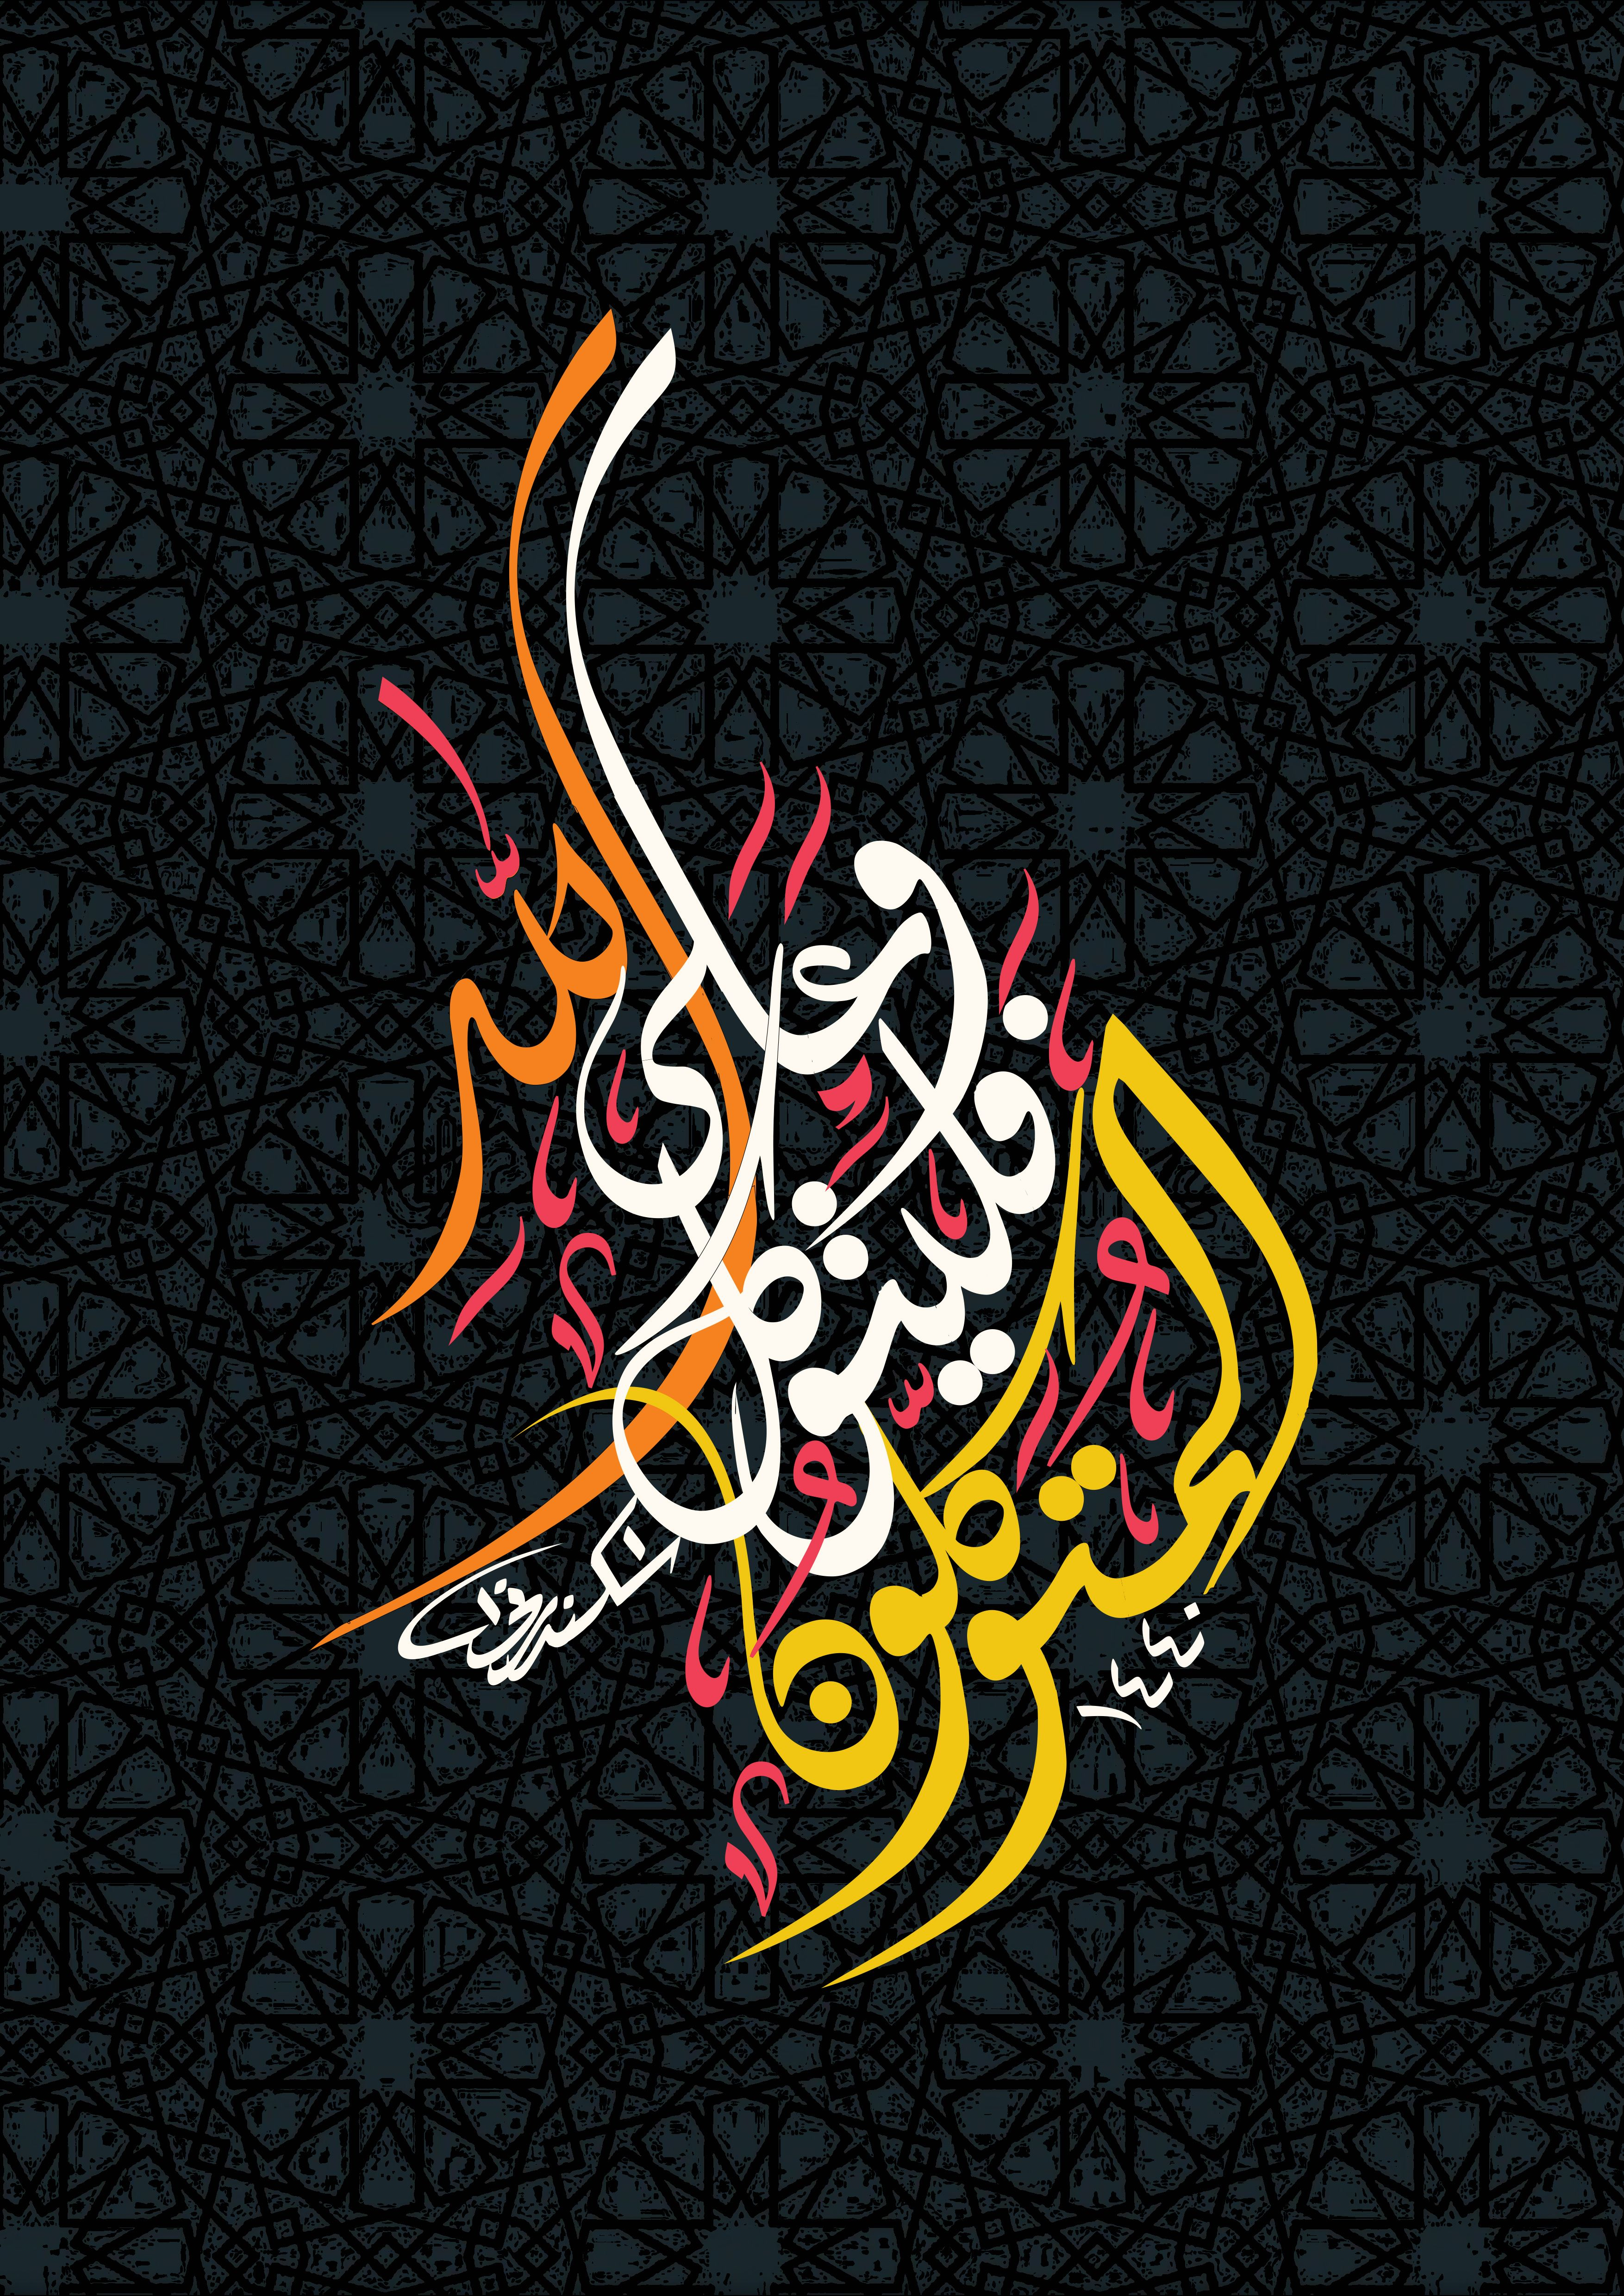 Pin Oleh Abdul Hakim Di Kaligrafi Seni Arab Seni Kaligrafi Arab